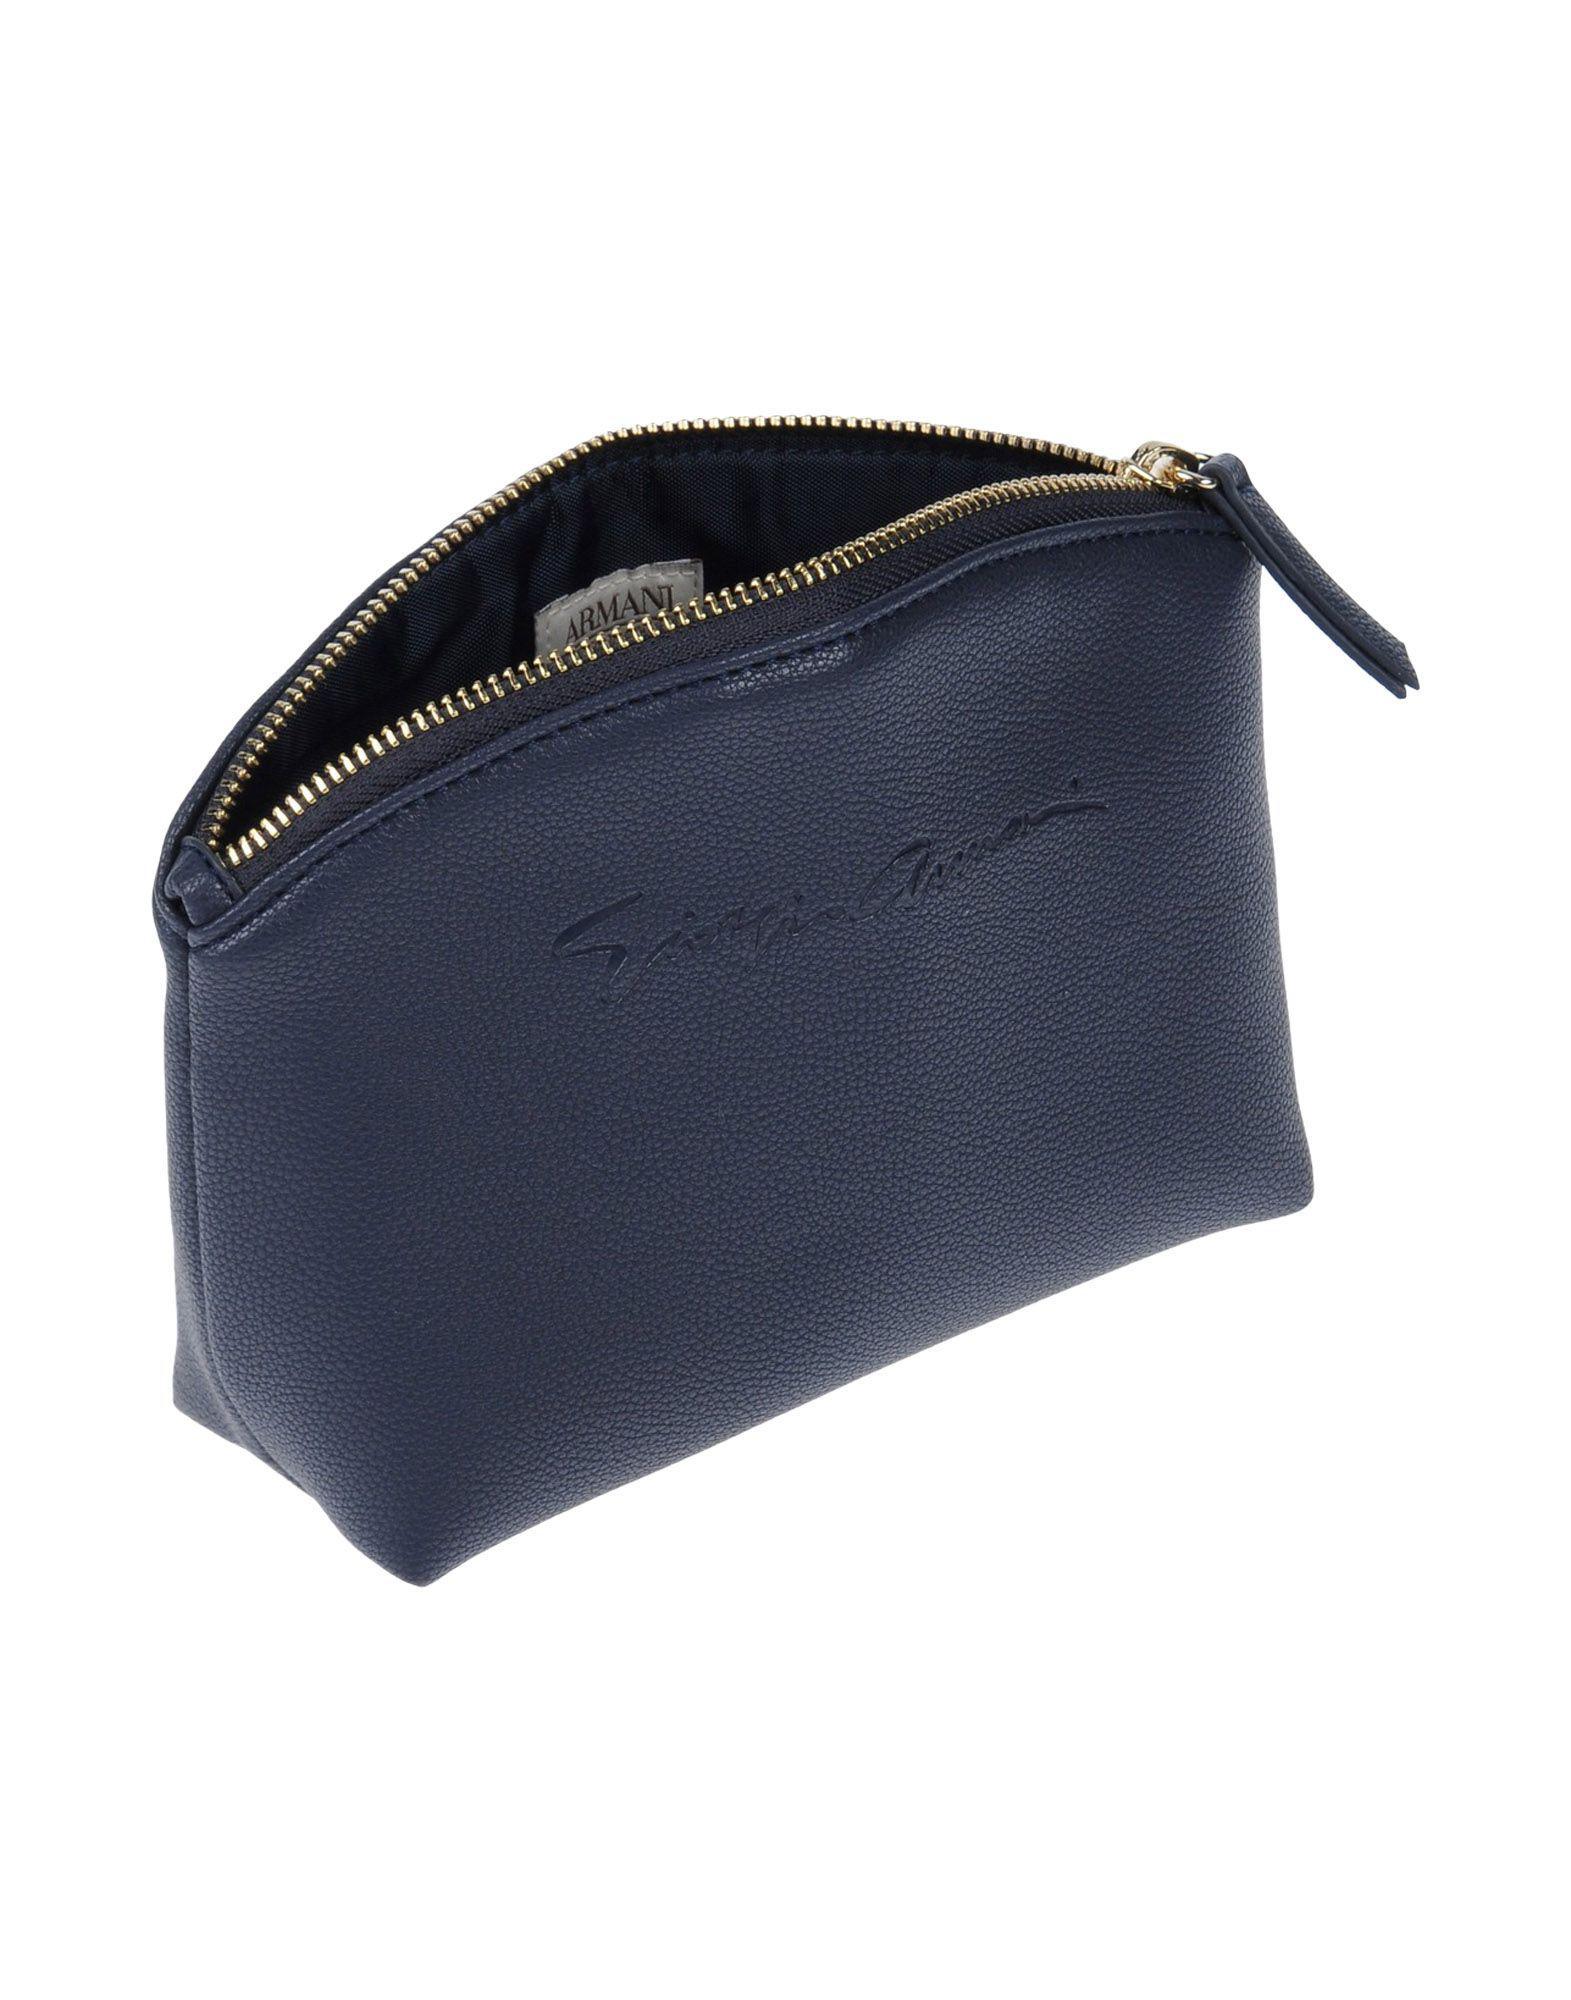 Lyst - Giorgio Armani Cross-body Bag in Blue 02bd2db4b4